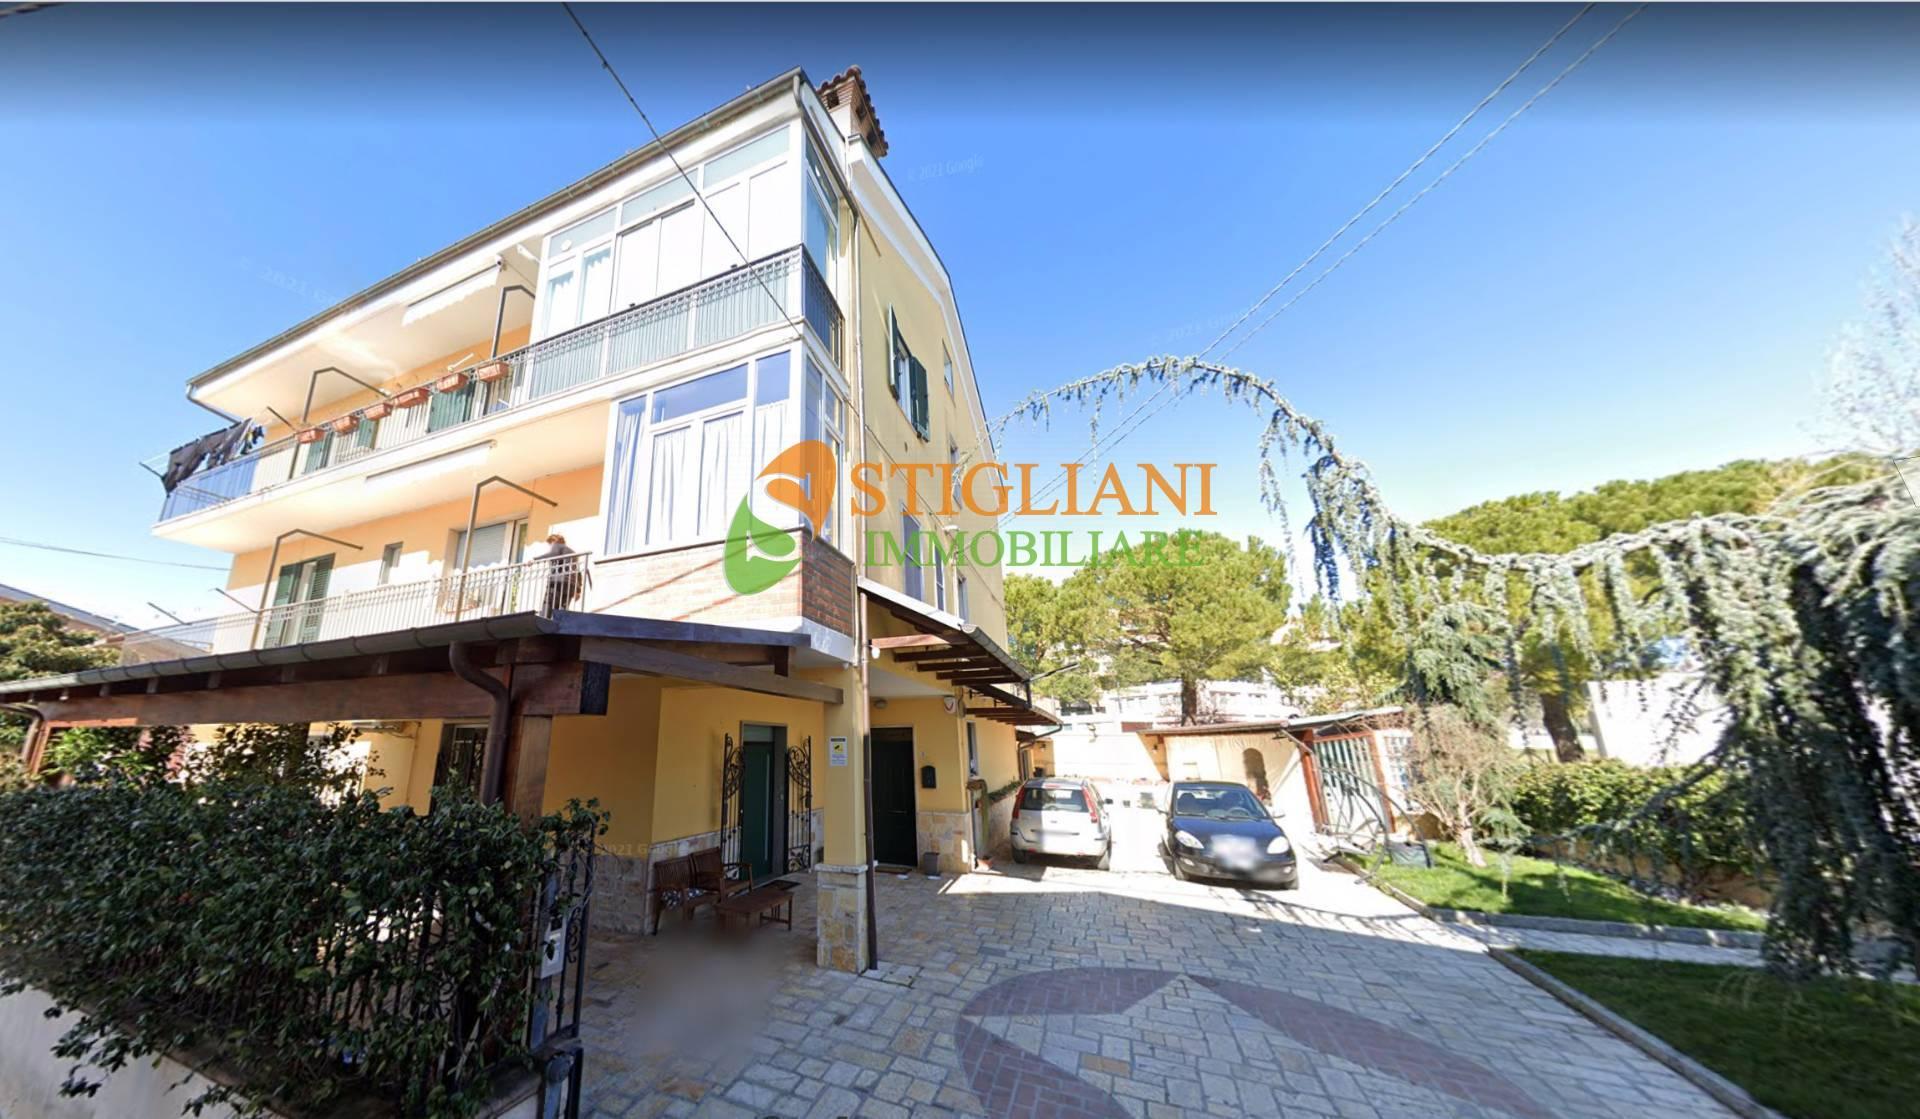 Appartamento in vendita a Campobasso, 5 locali, zona Località: ViaTrentinoAltoAdige, prezzo € 75.000 | PortaleAgenzieImmobiliari.it